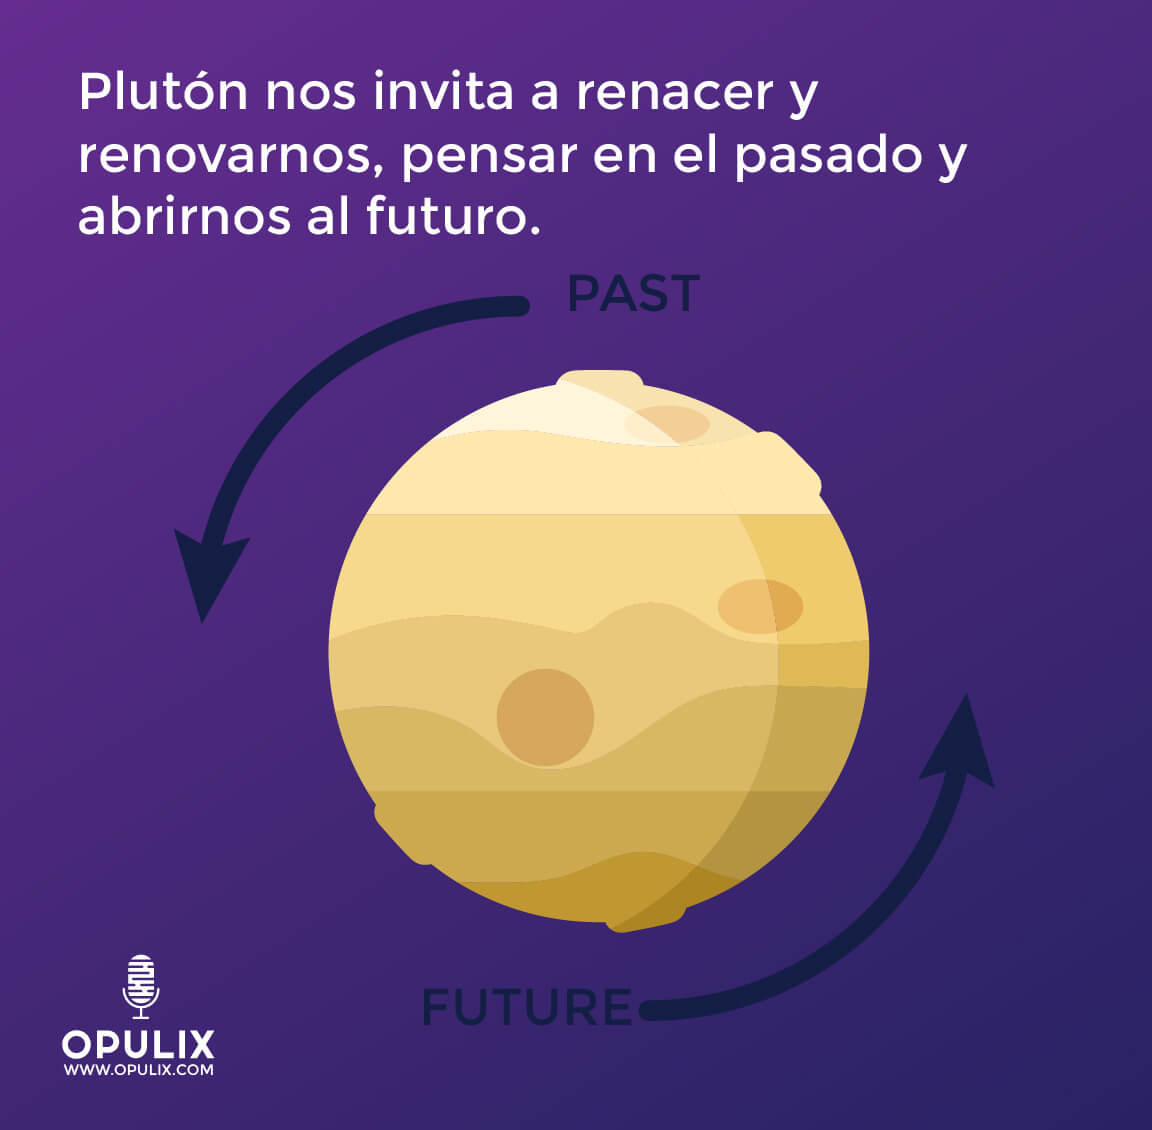 Renace con la energía de Plutón Retrogrado